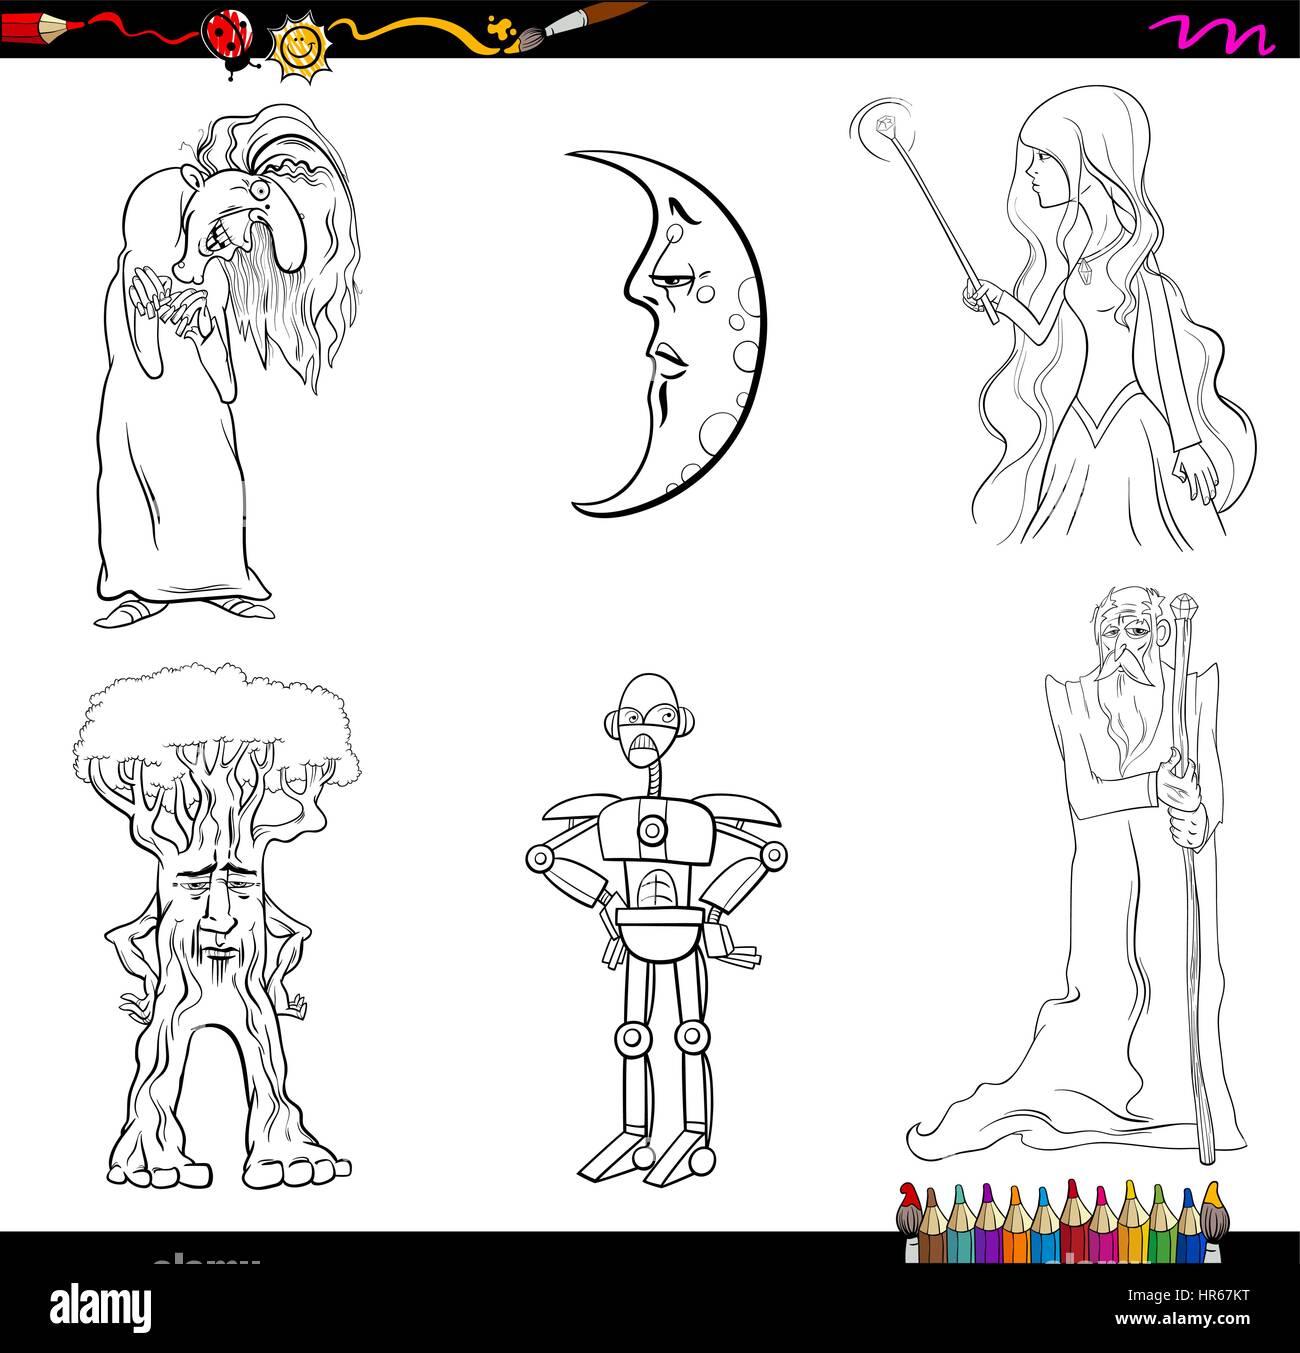 schwarz  weiß cartoon illustration von fantasiefiguren